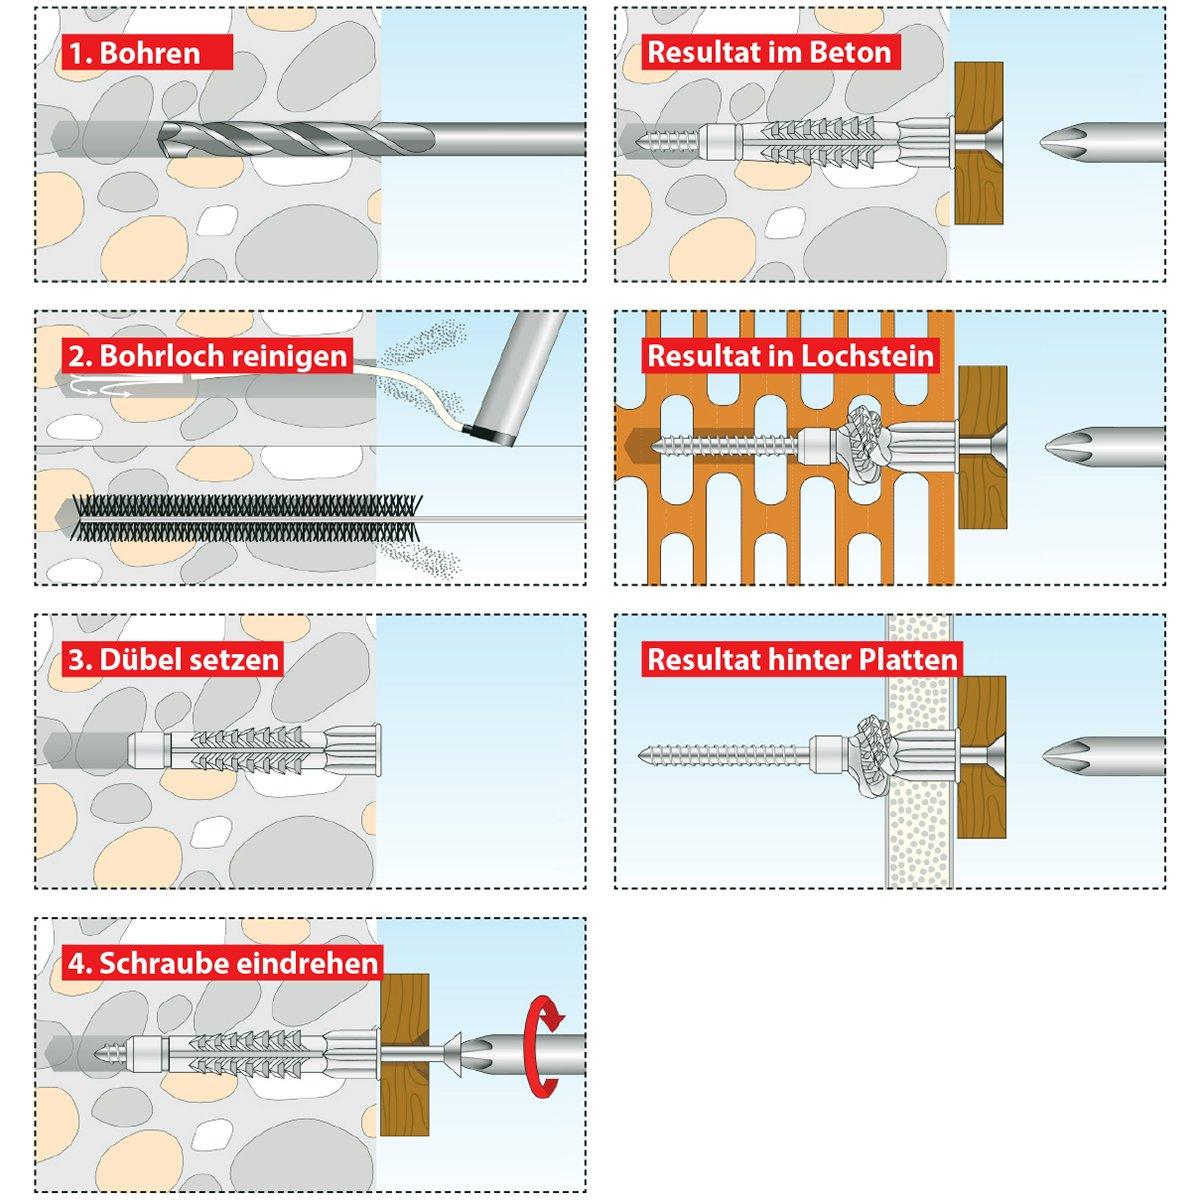 016260011 TOX Allzweckd/übel mit Kragen Deco 5 x 25 mm in Runddose D/übel f/ür fast alle Baustoffe 120 St/ück